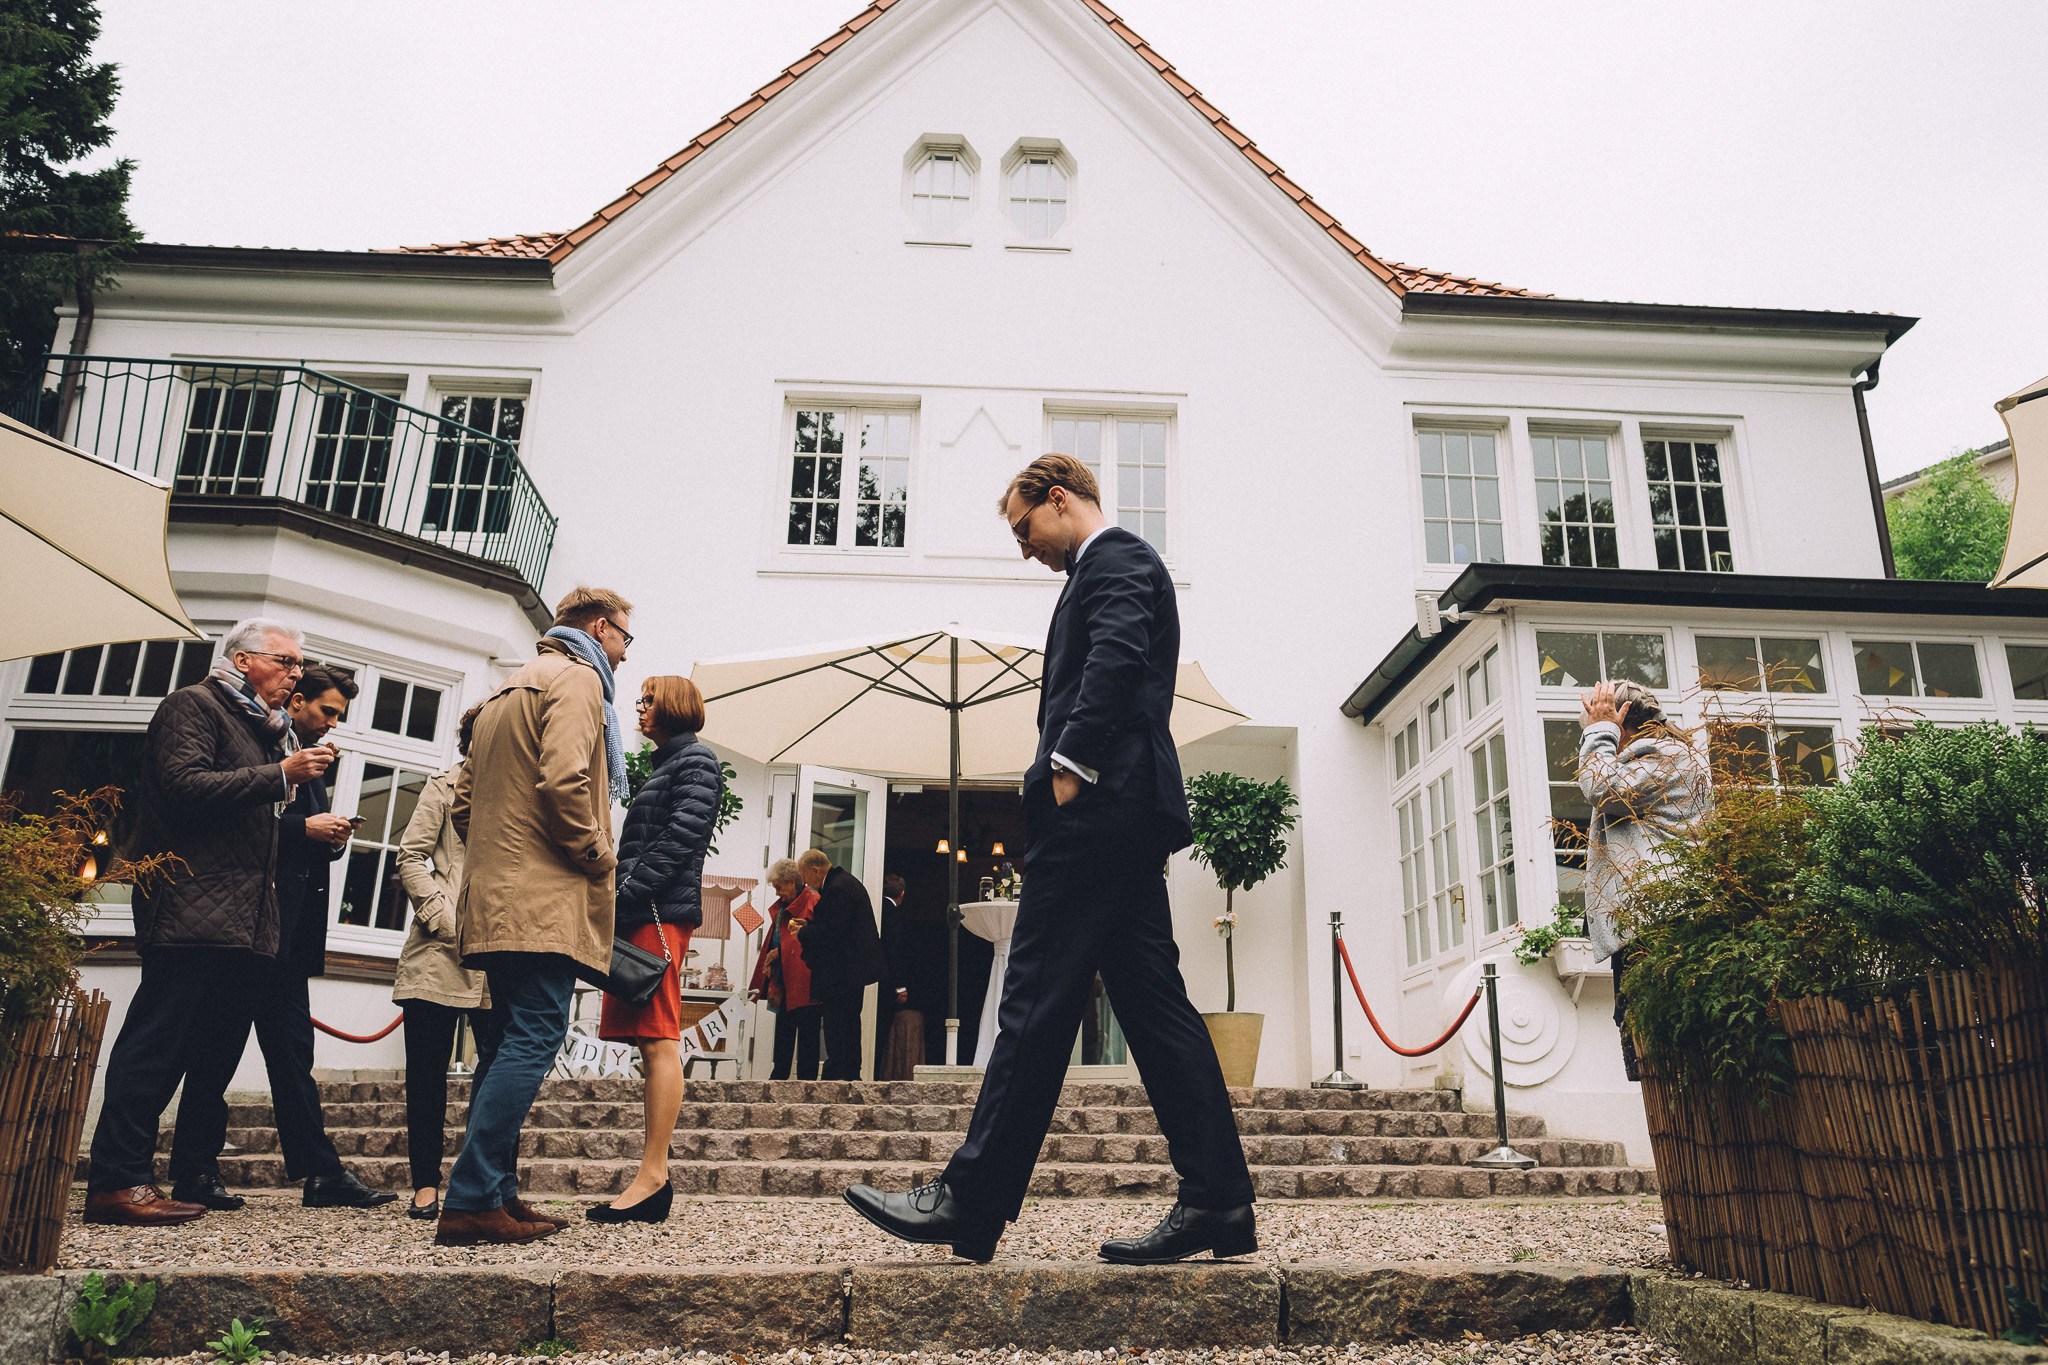 Standesamt Halstenbek Hochzeit 28 Images Hochzeit In Der Villa